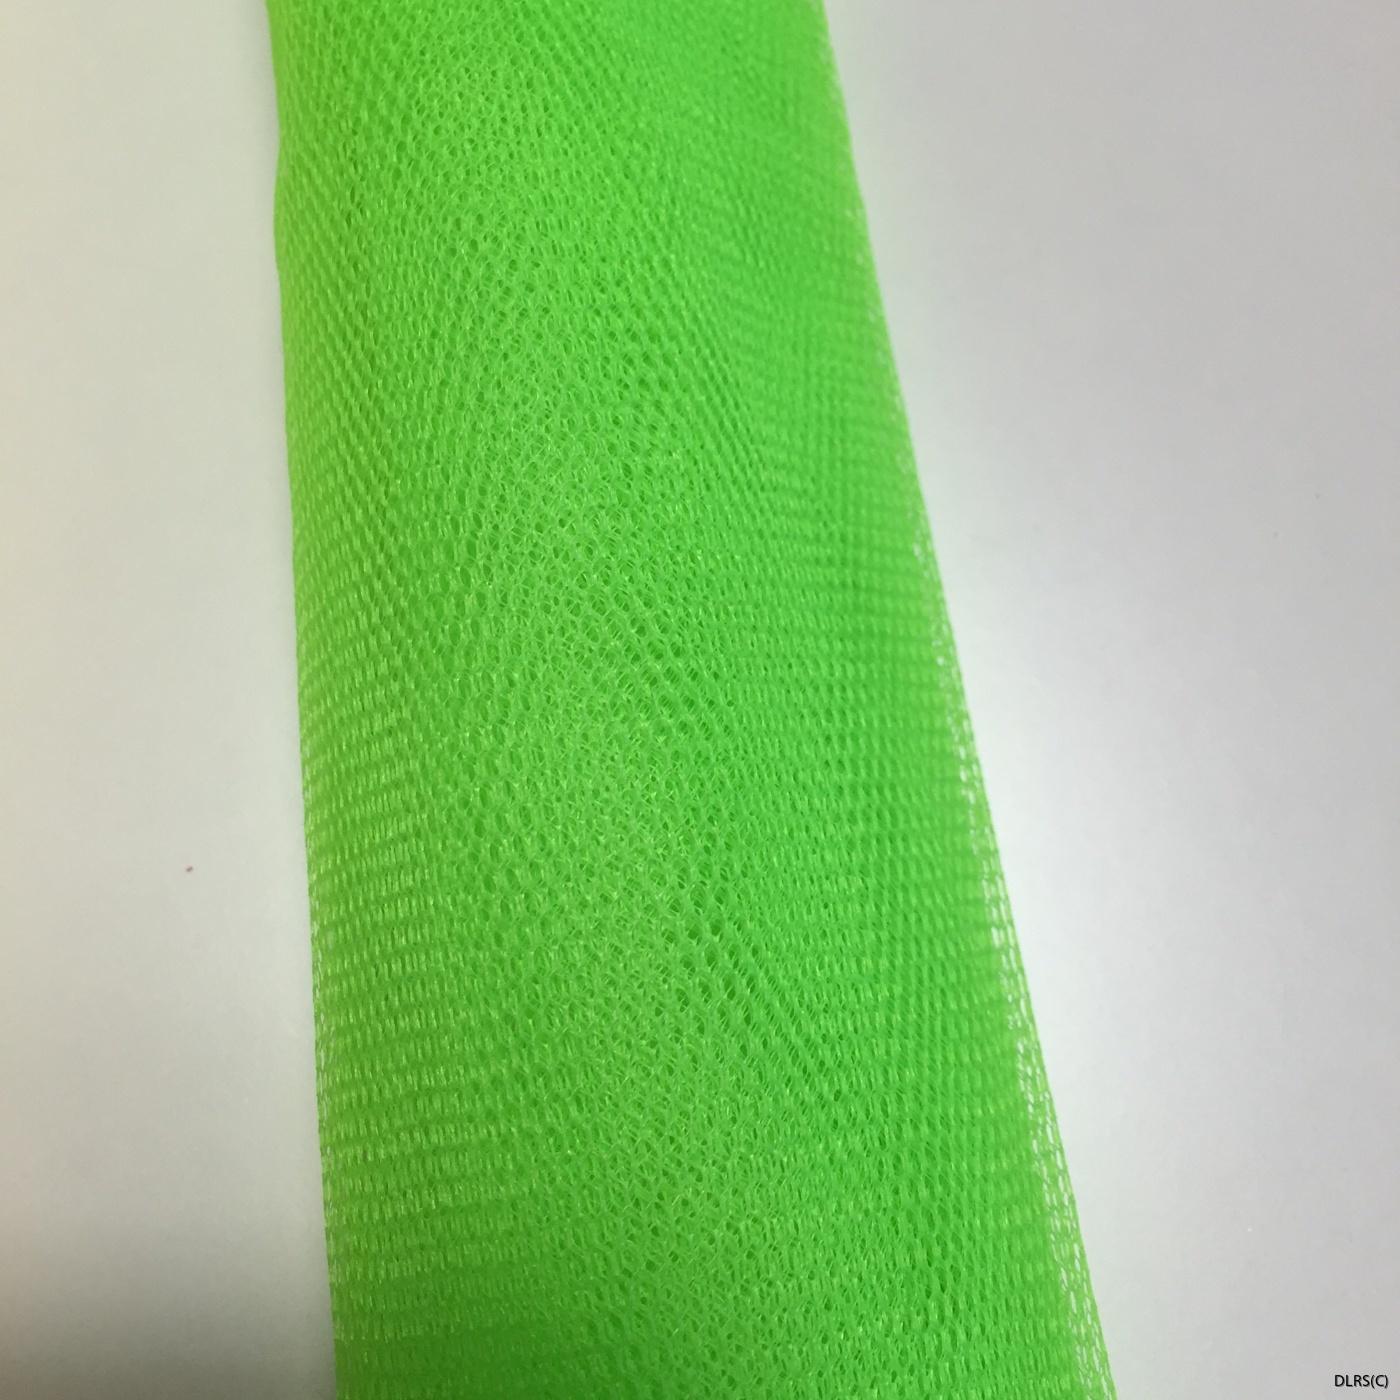 chockgrön